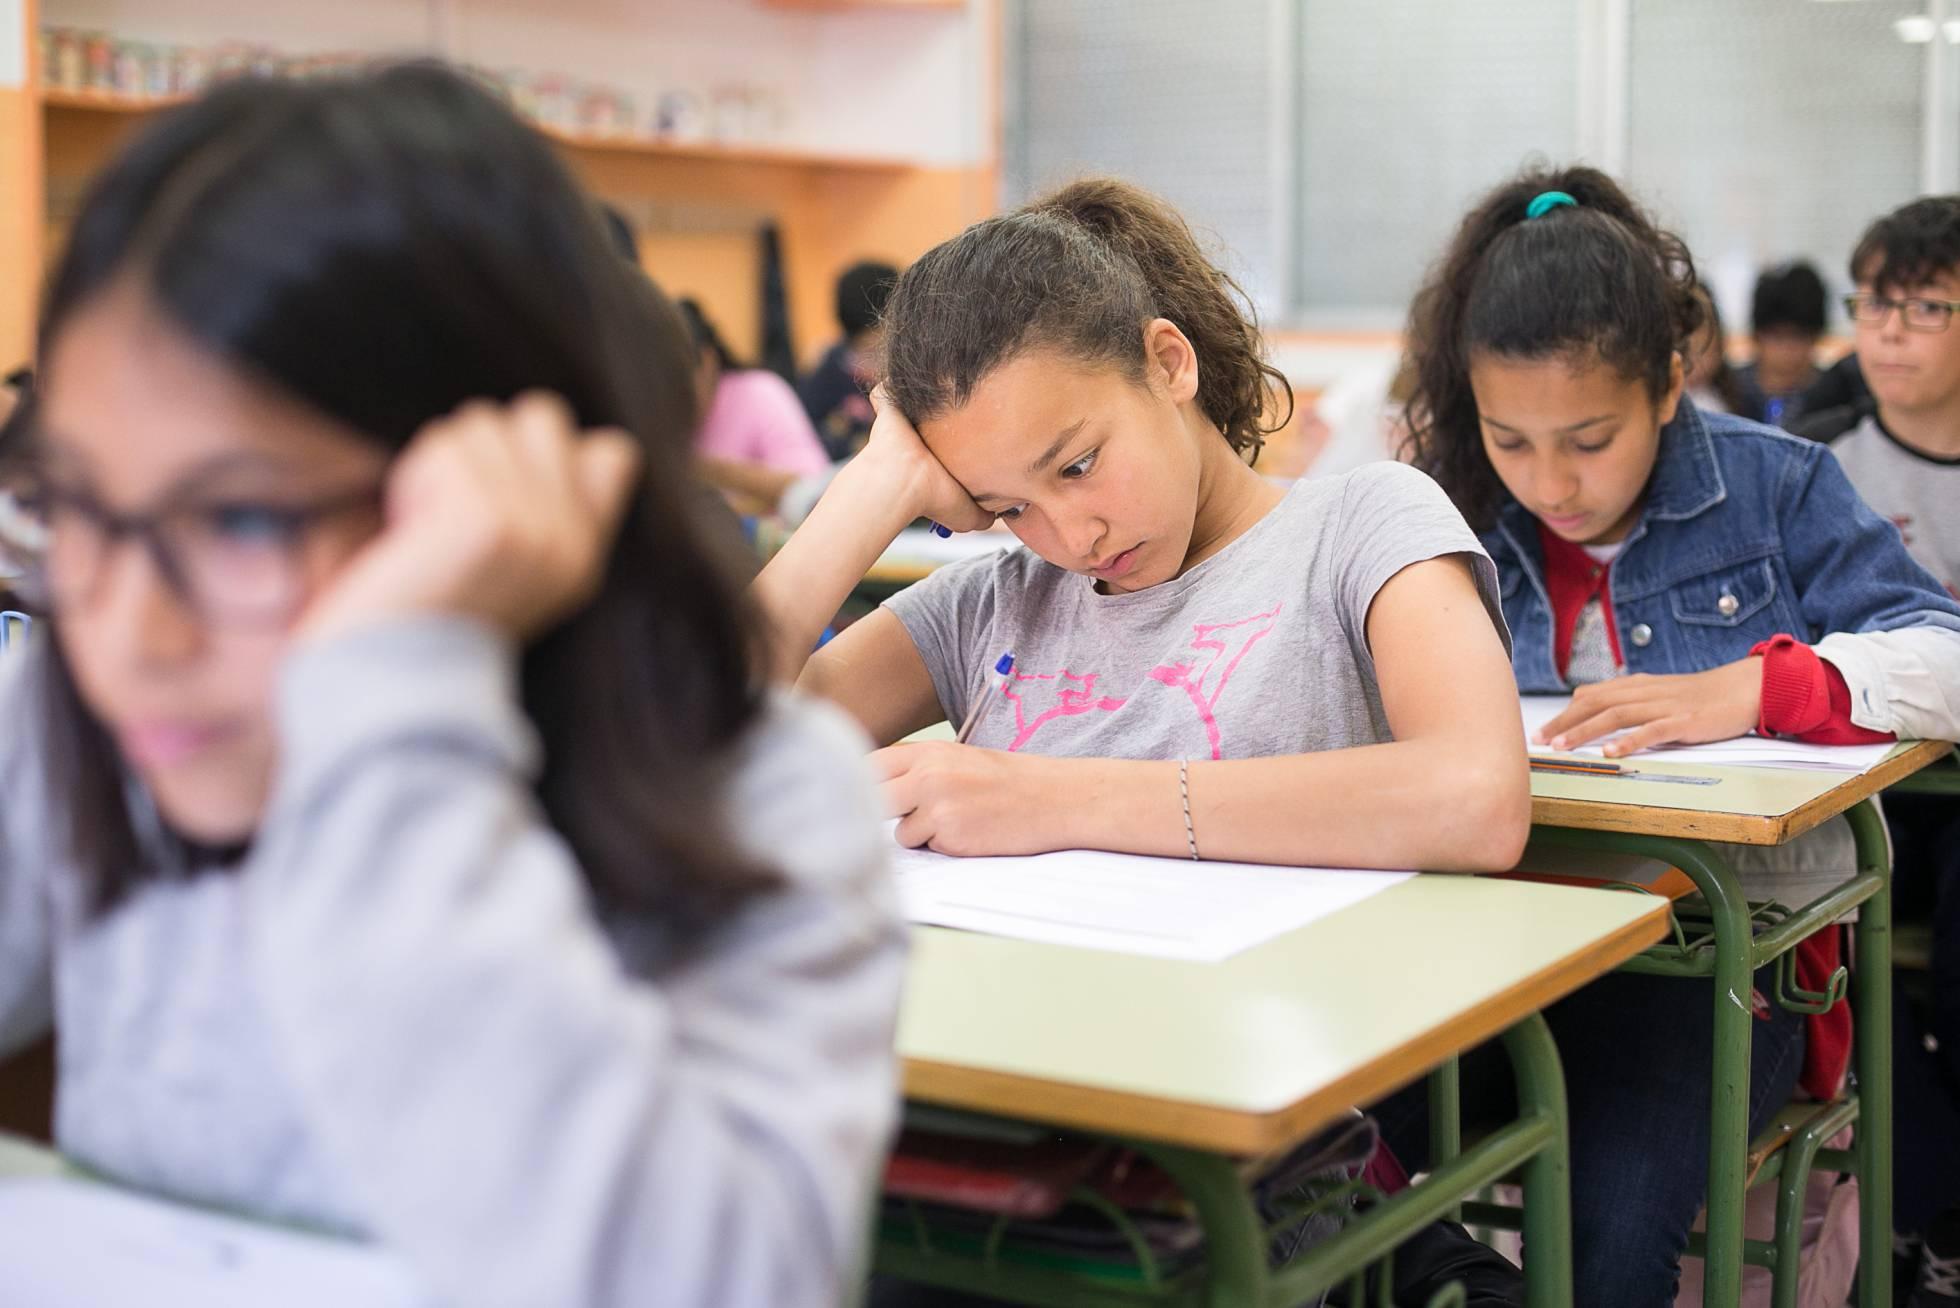 Los niños son mas propensos a desarrollar sus habilidades cognitivas en áreas verdes